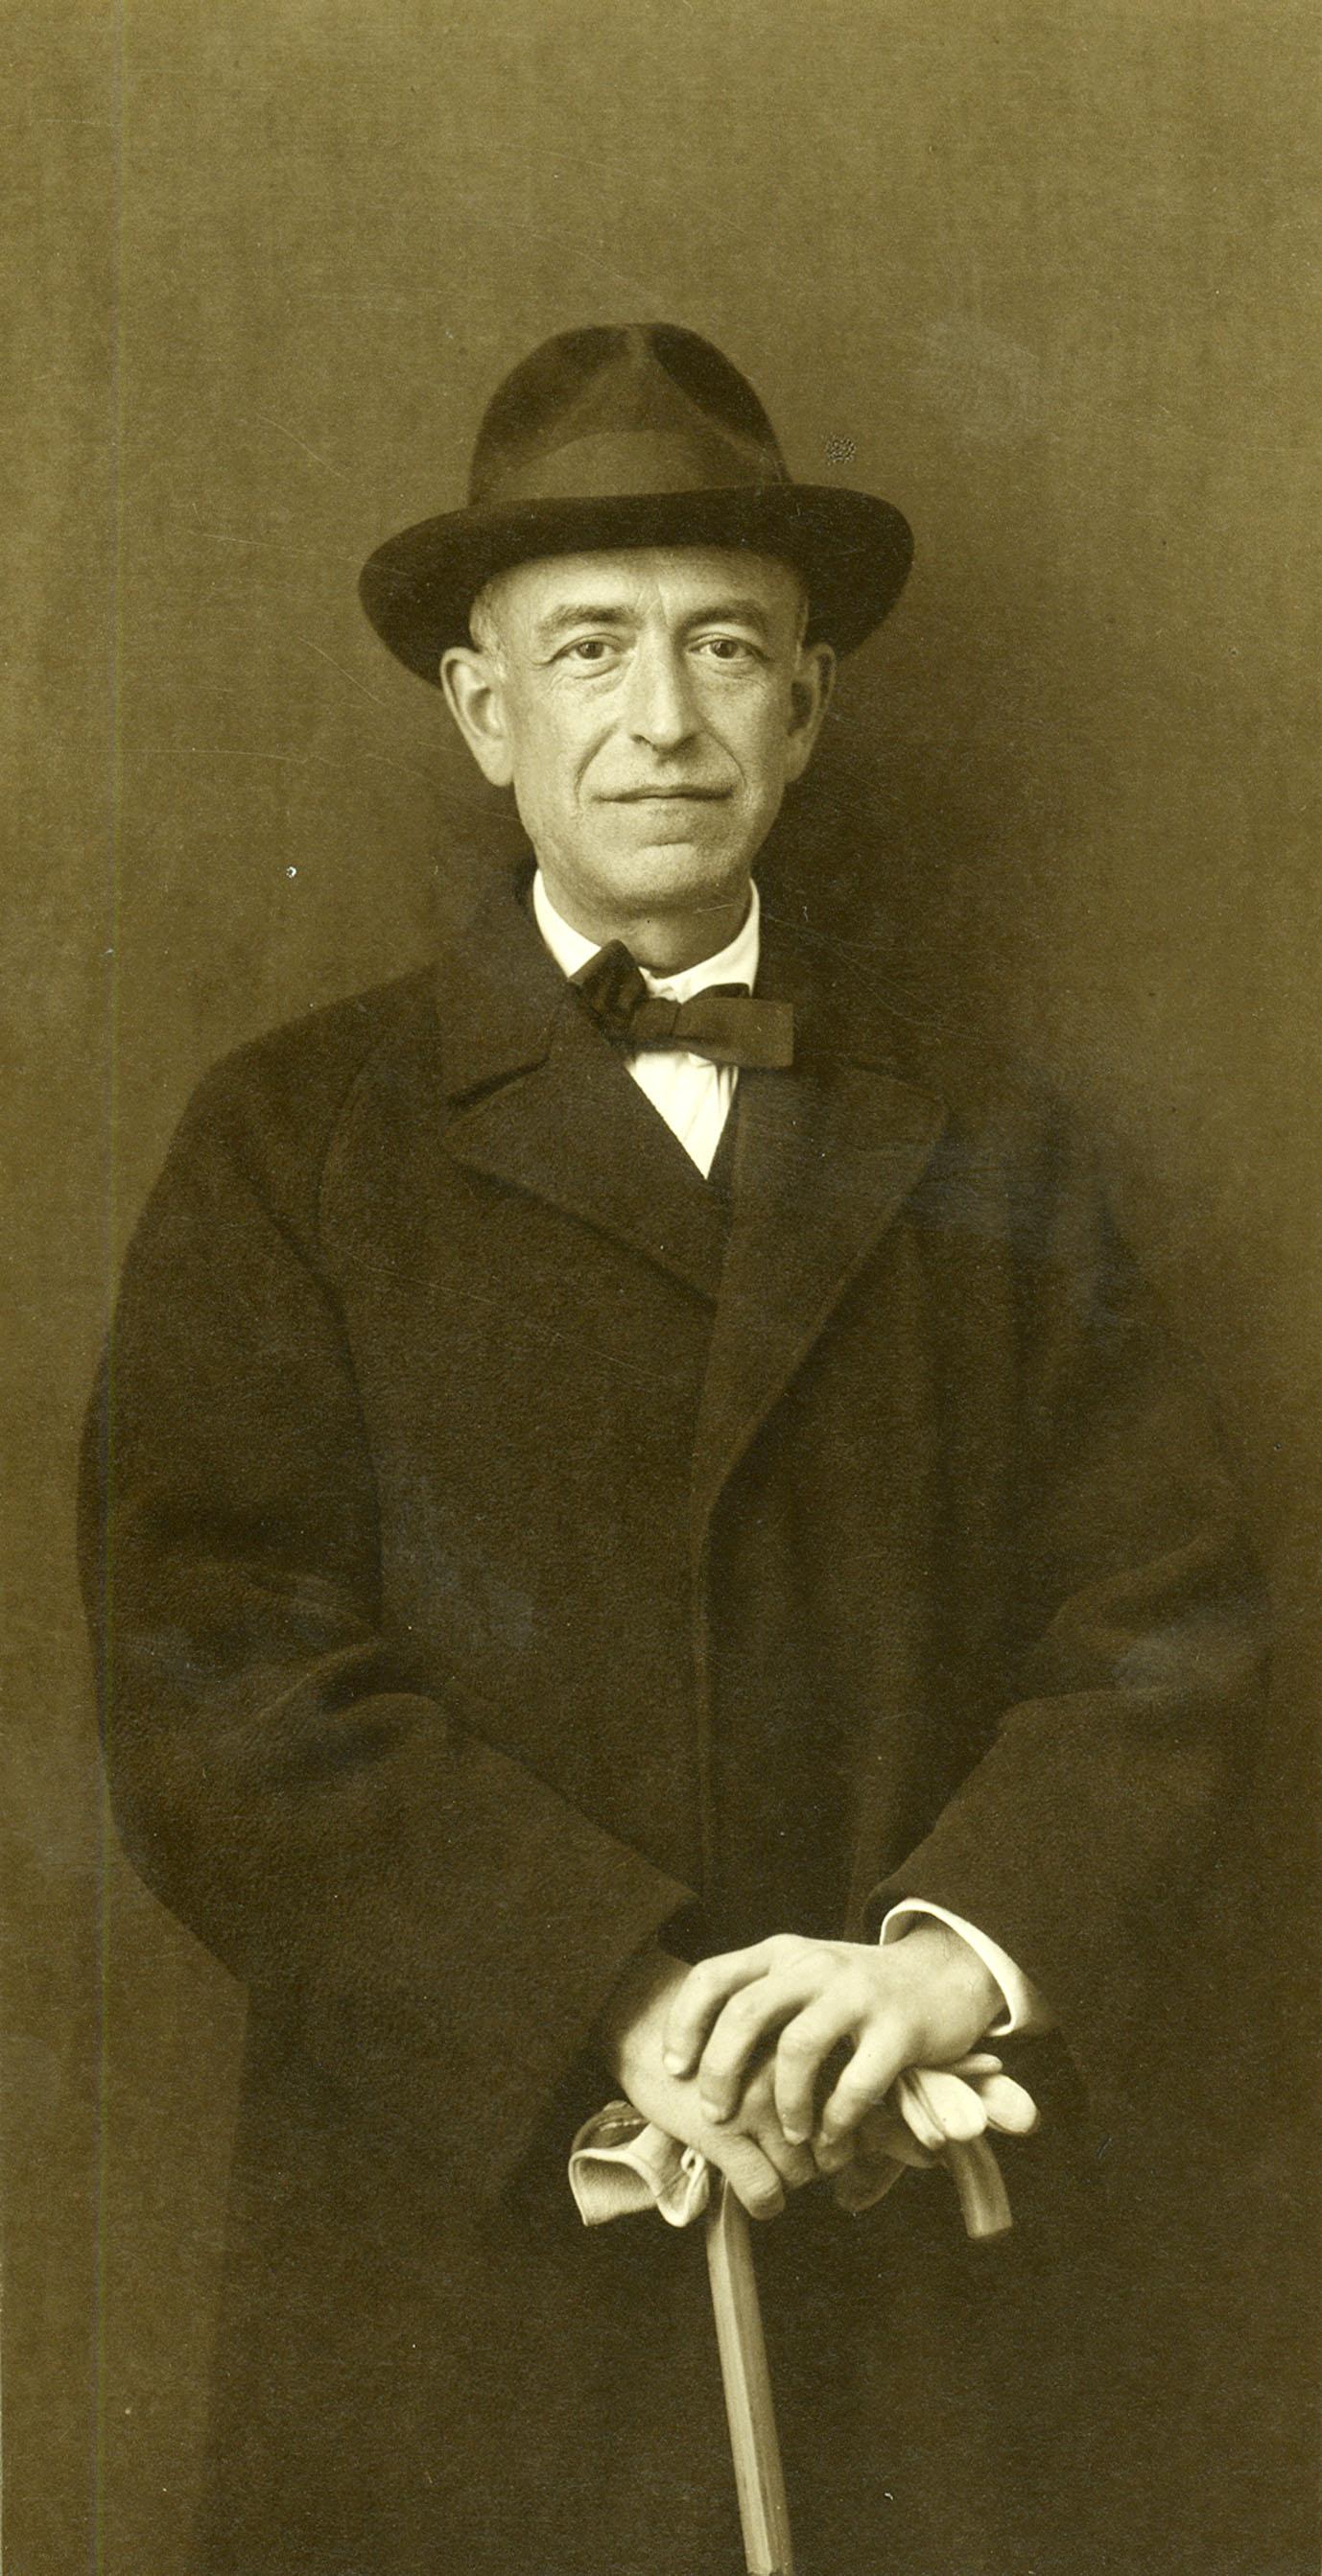 Manuel de Falla (1876-1946)